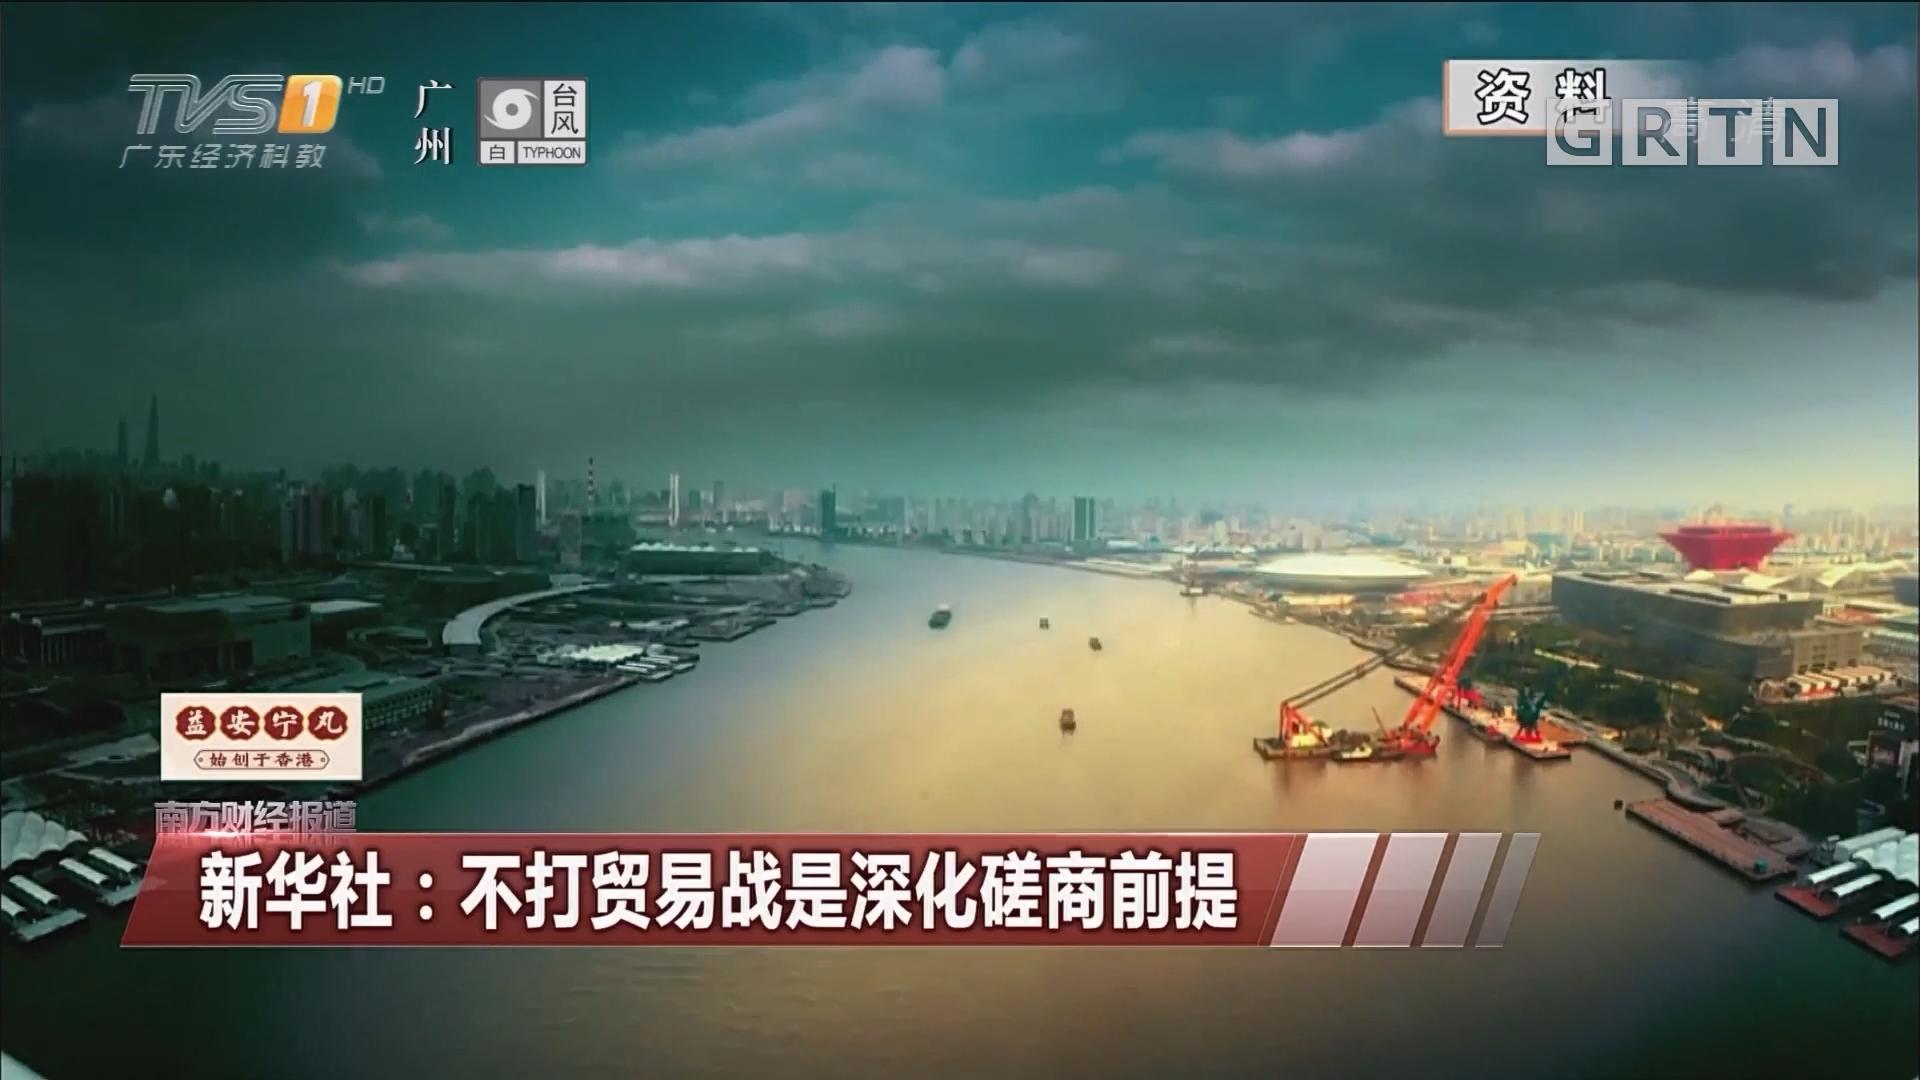 新华社:不打贸易战是深化磋商前提